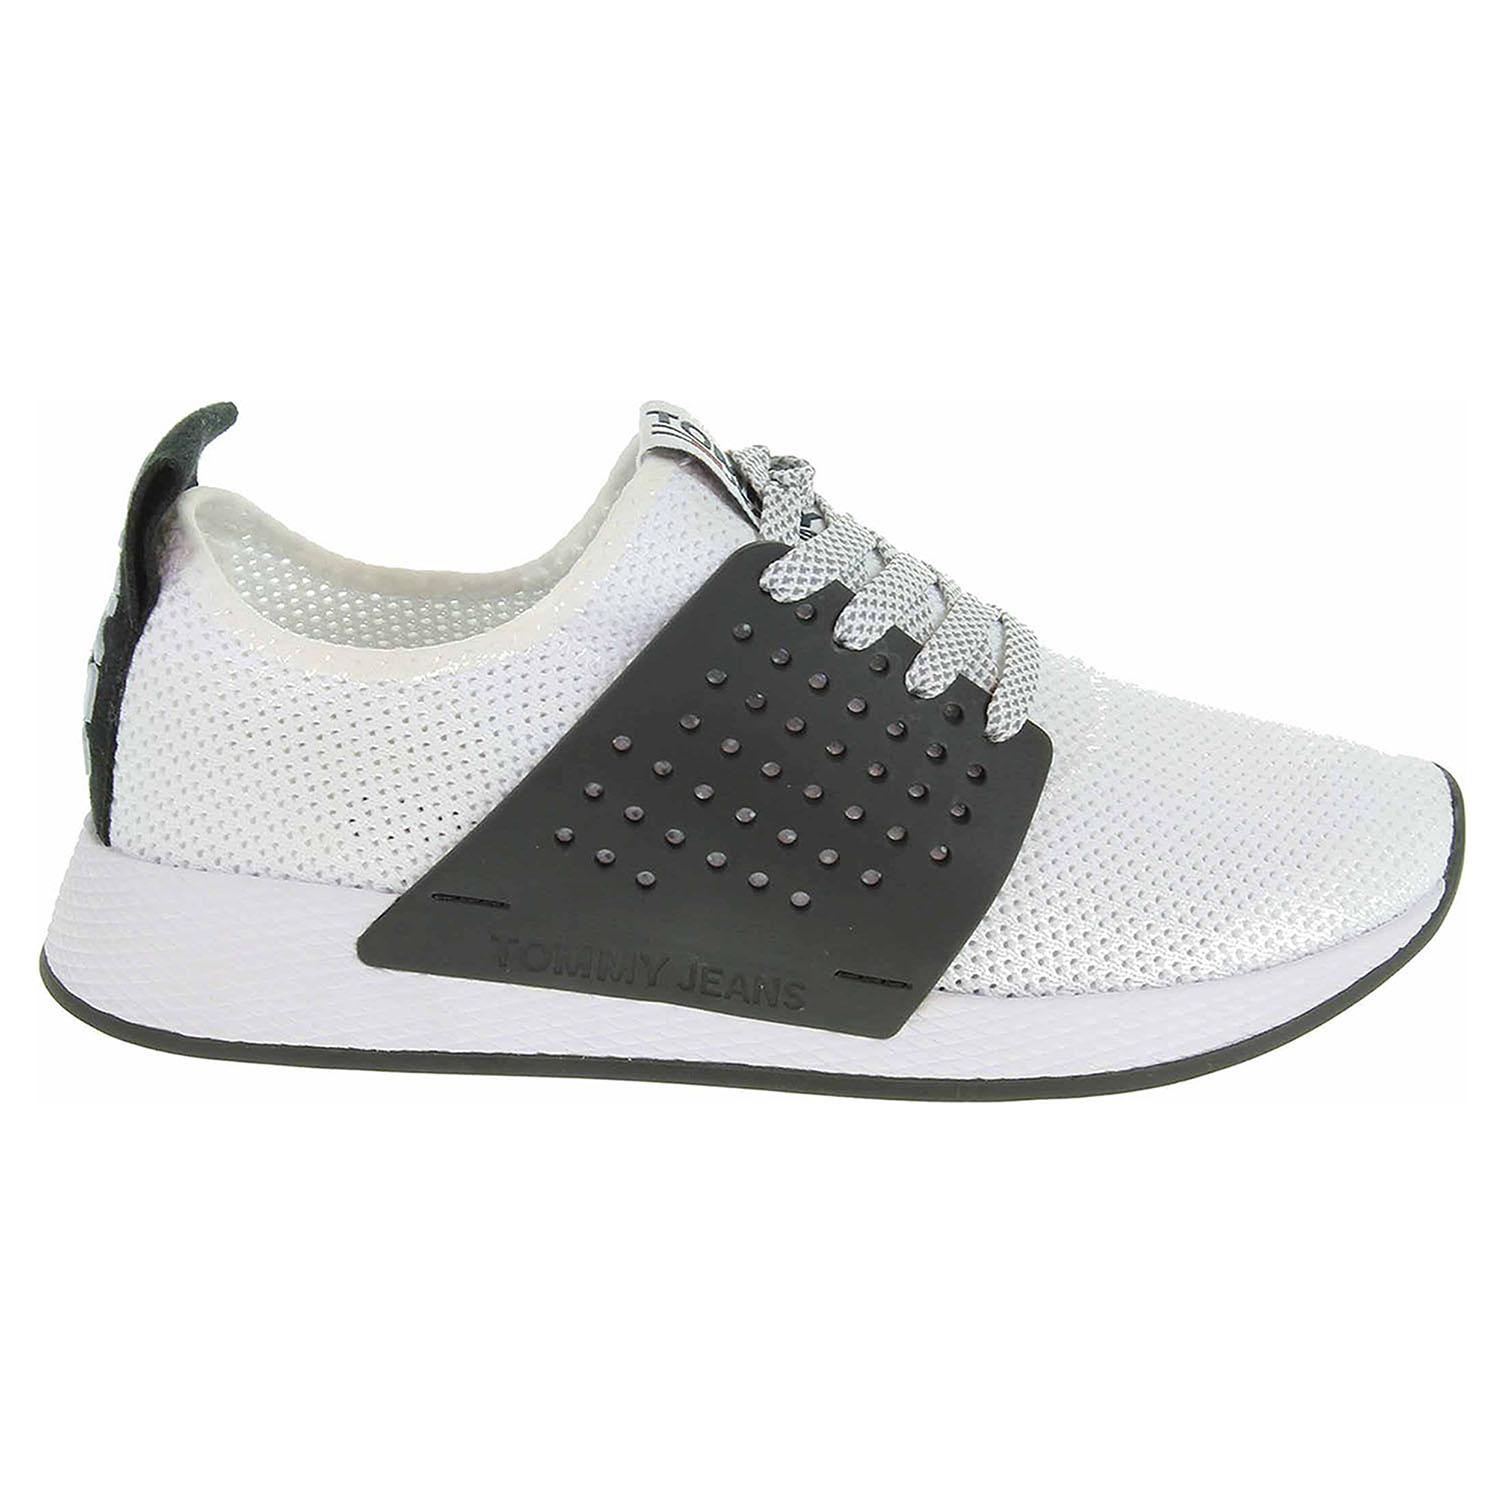 6348ce90189 Tommy Hilfiger dámská obuv EN0EN00170 100 white EN0EN00170 100 41